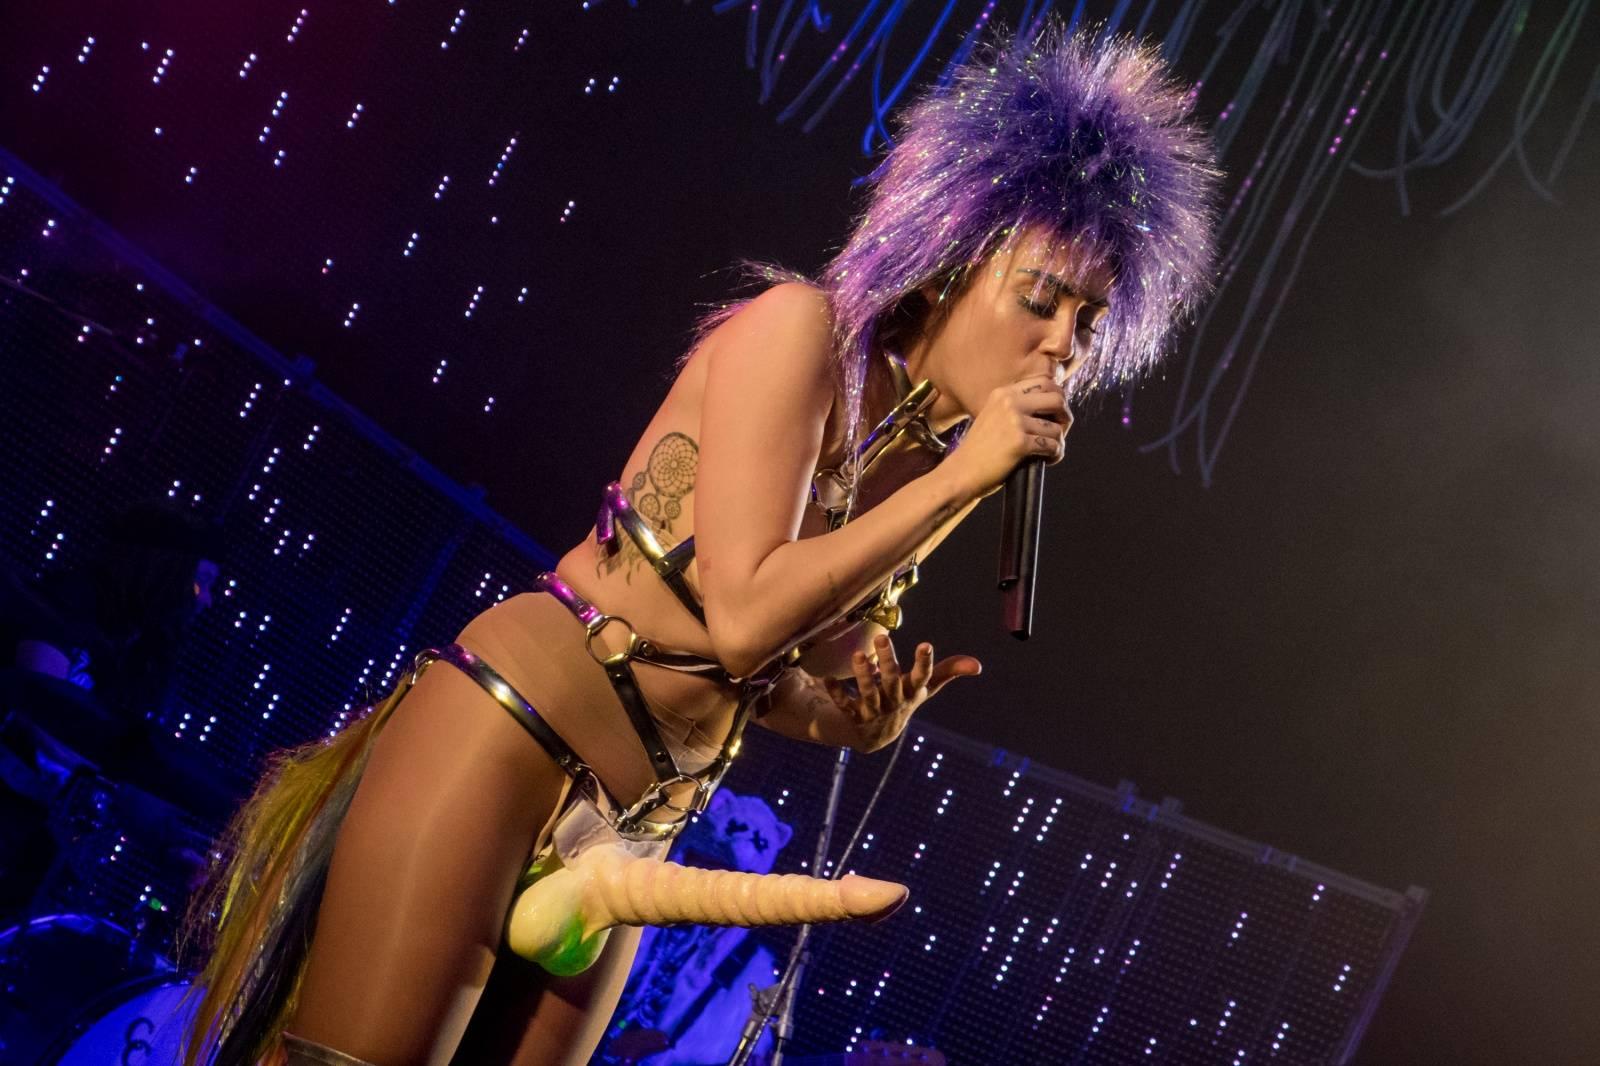 Miley Cyrus ho má! Zpěvačka na novém turné konečně odhalila svůj pyj